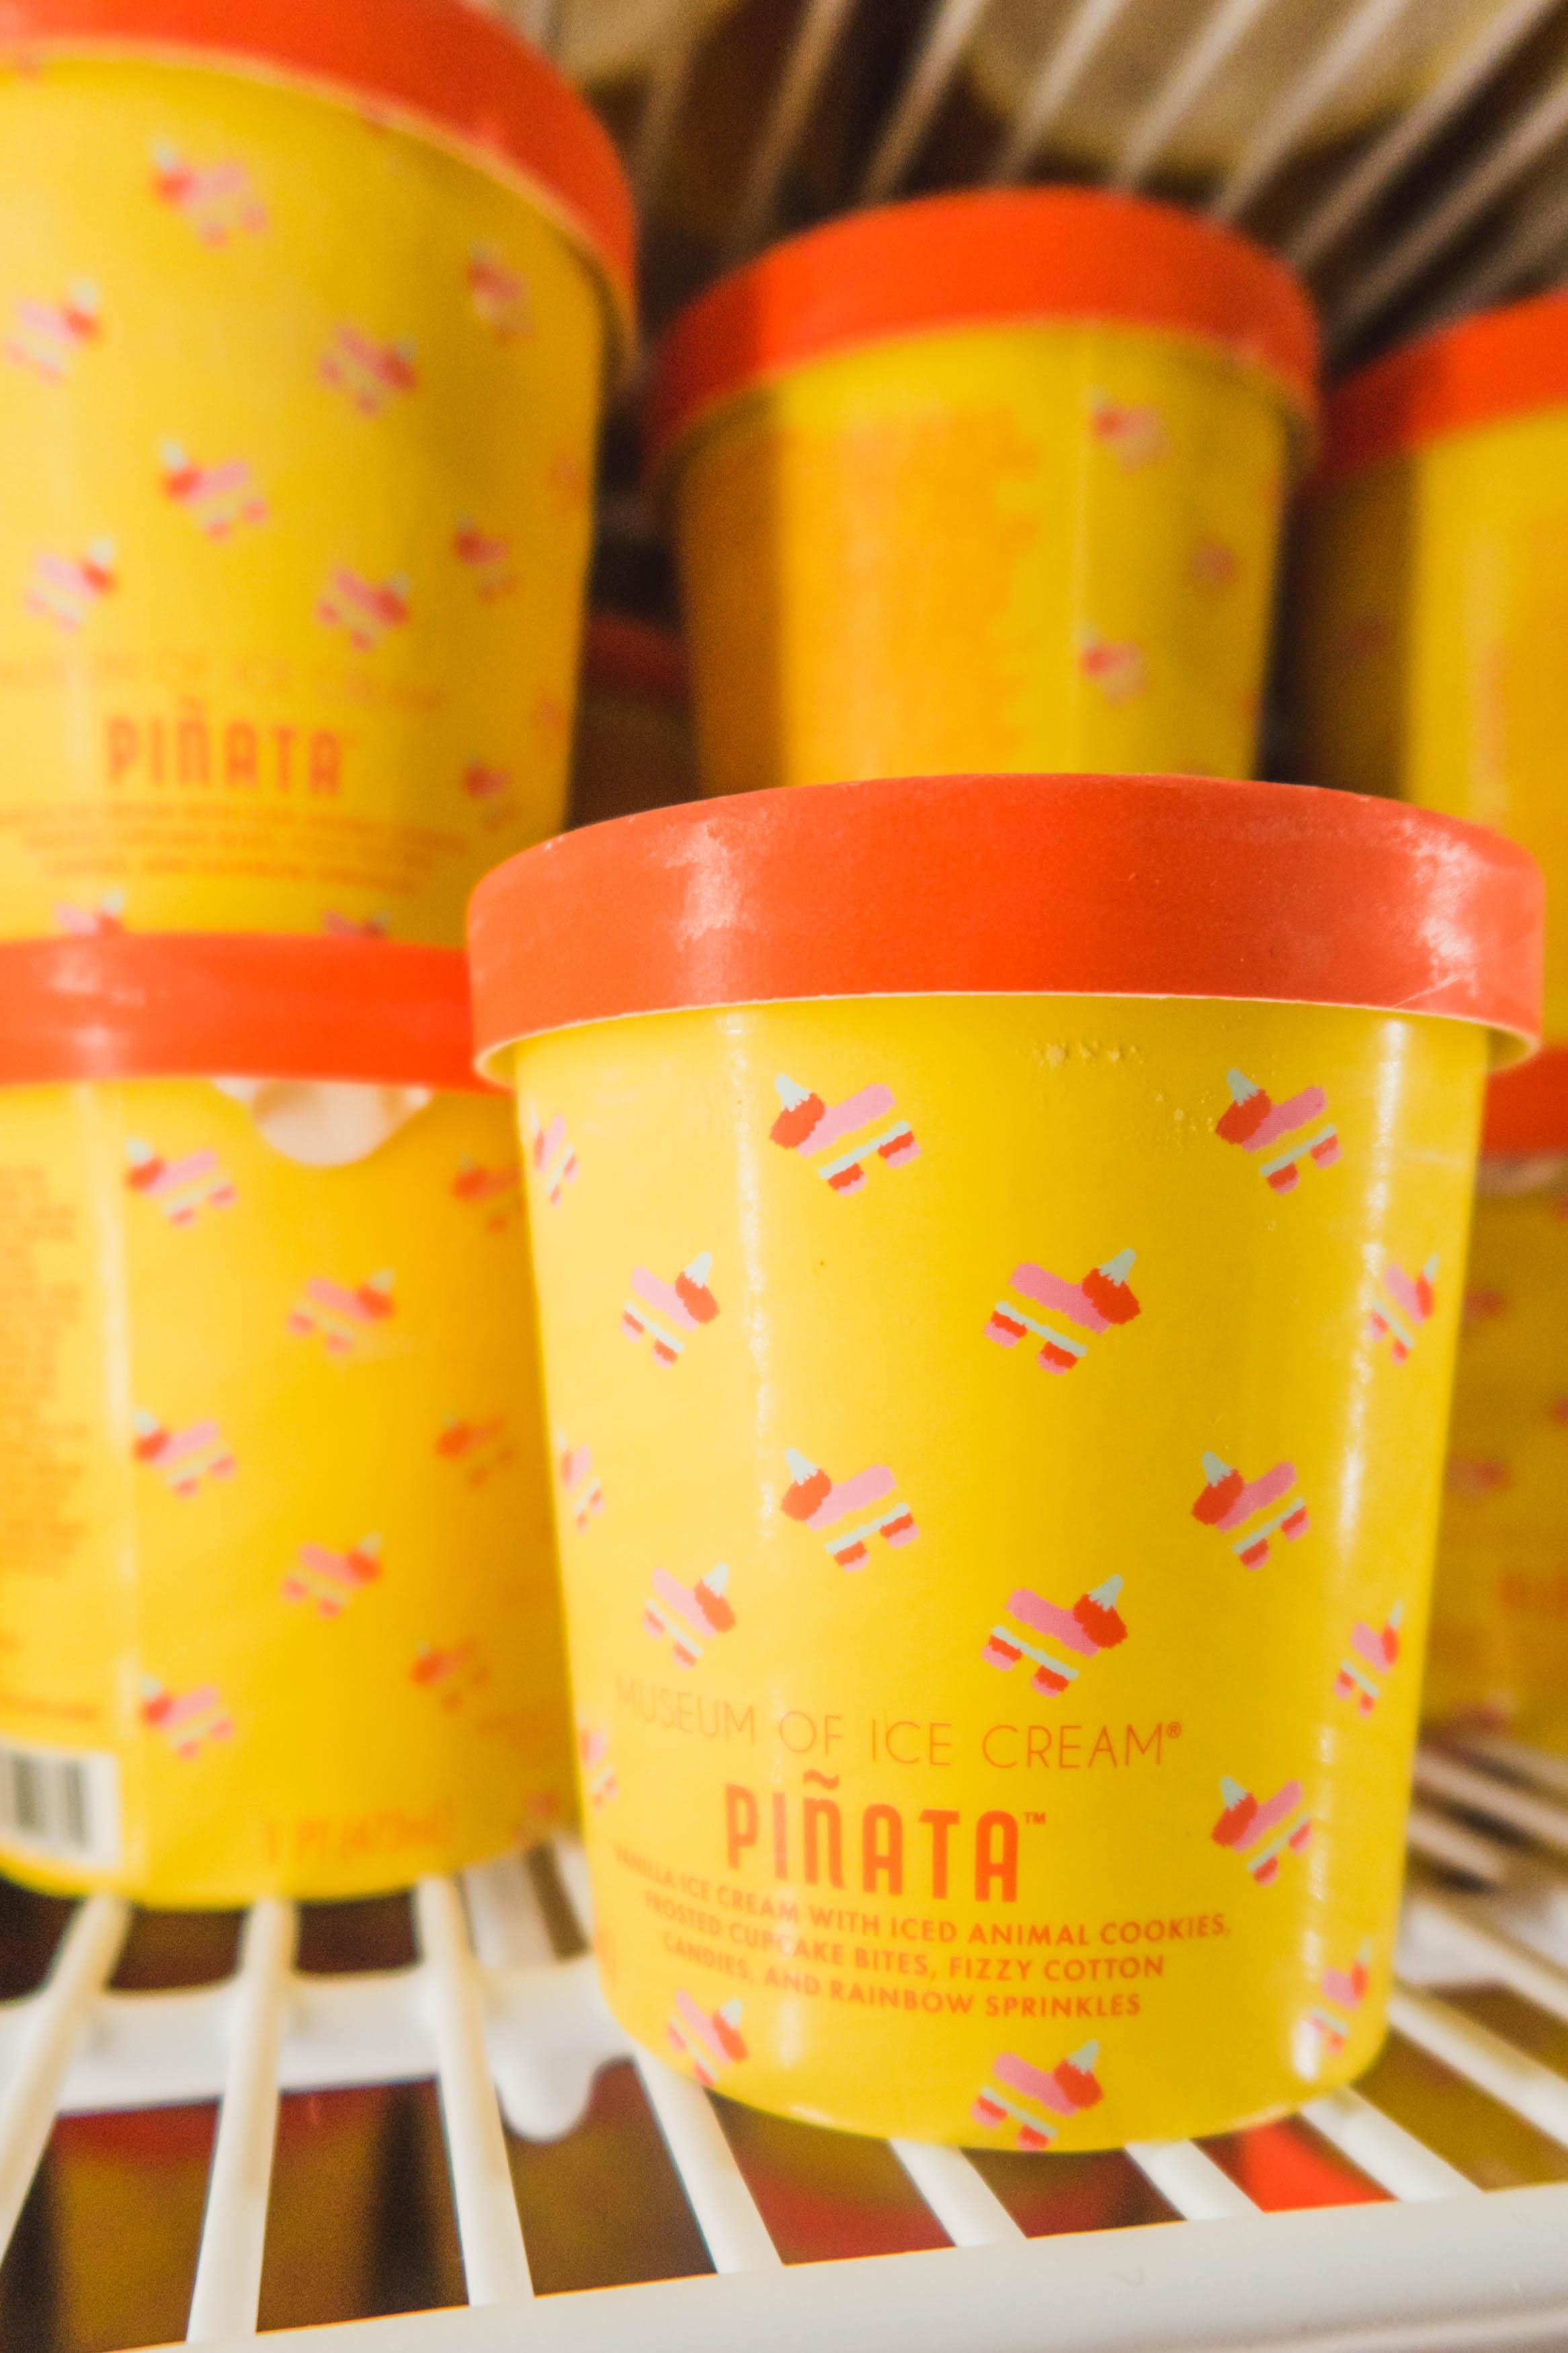 museum-ice-cream-new-york-pint-11.jpg